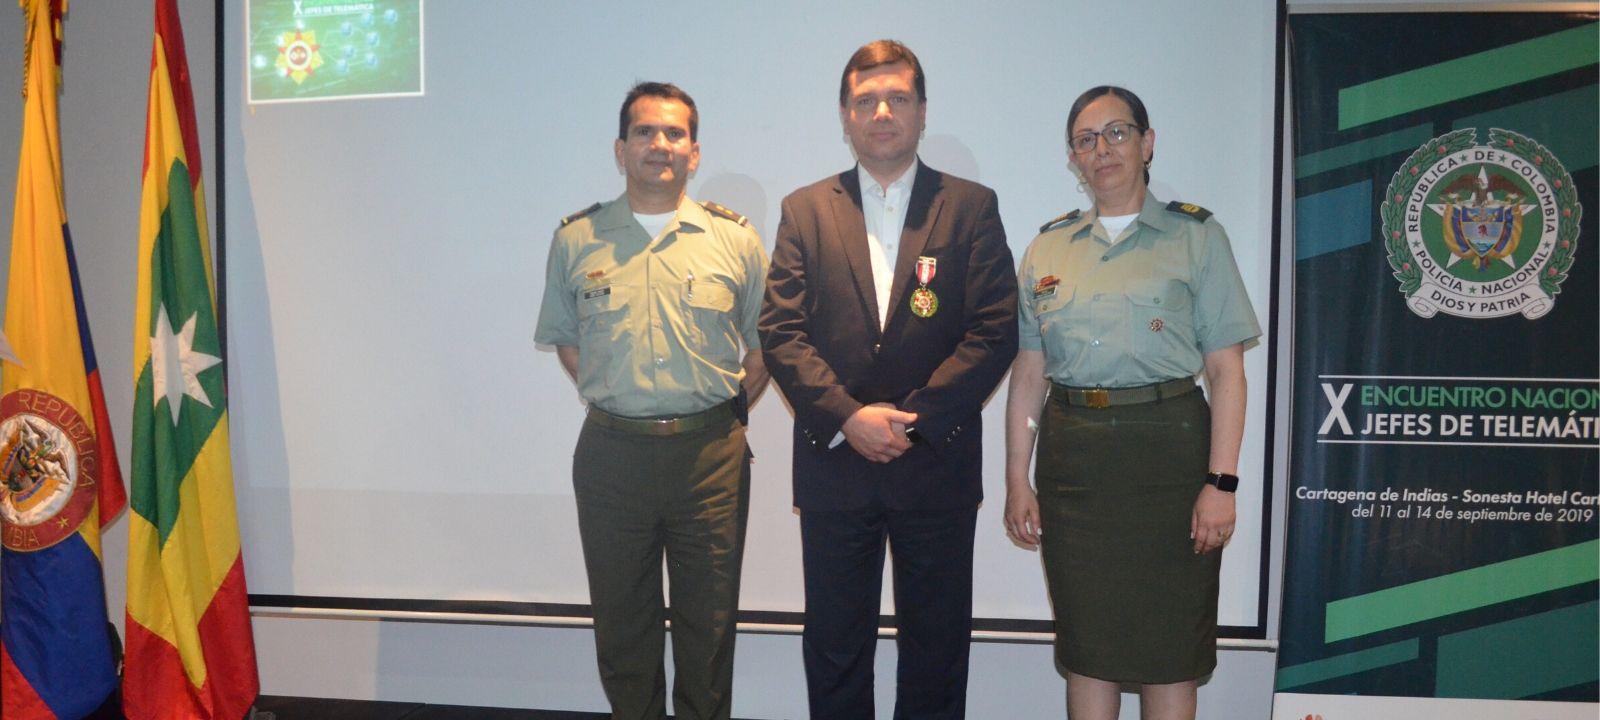 Profesor Yezid Donoso recibe medalla de honor de la Policía Nacional | Uniandes